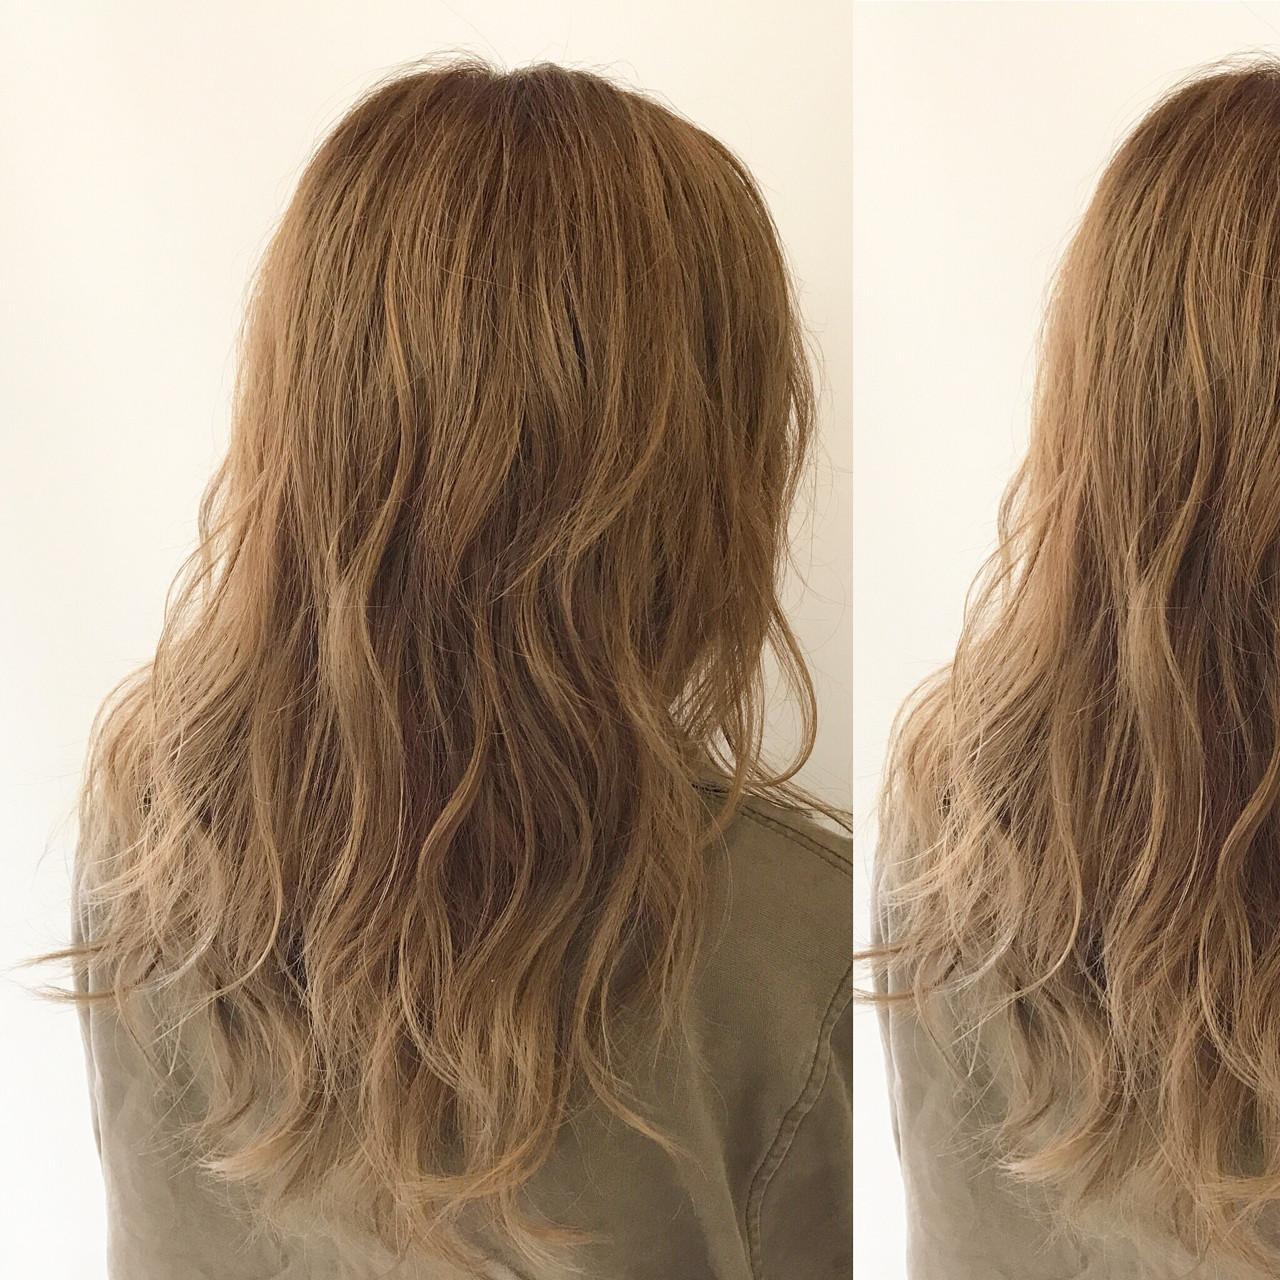 パーマ アンニュイ リラックス セミロング ヘアスタイルや髪型の写真・画像 | 新谷 朋宏 / Free hairstylist shinya